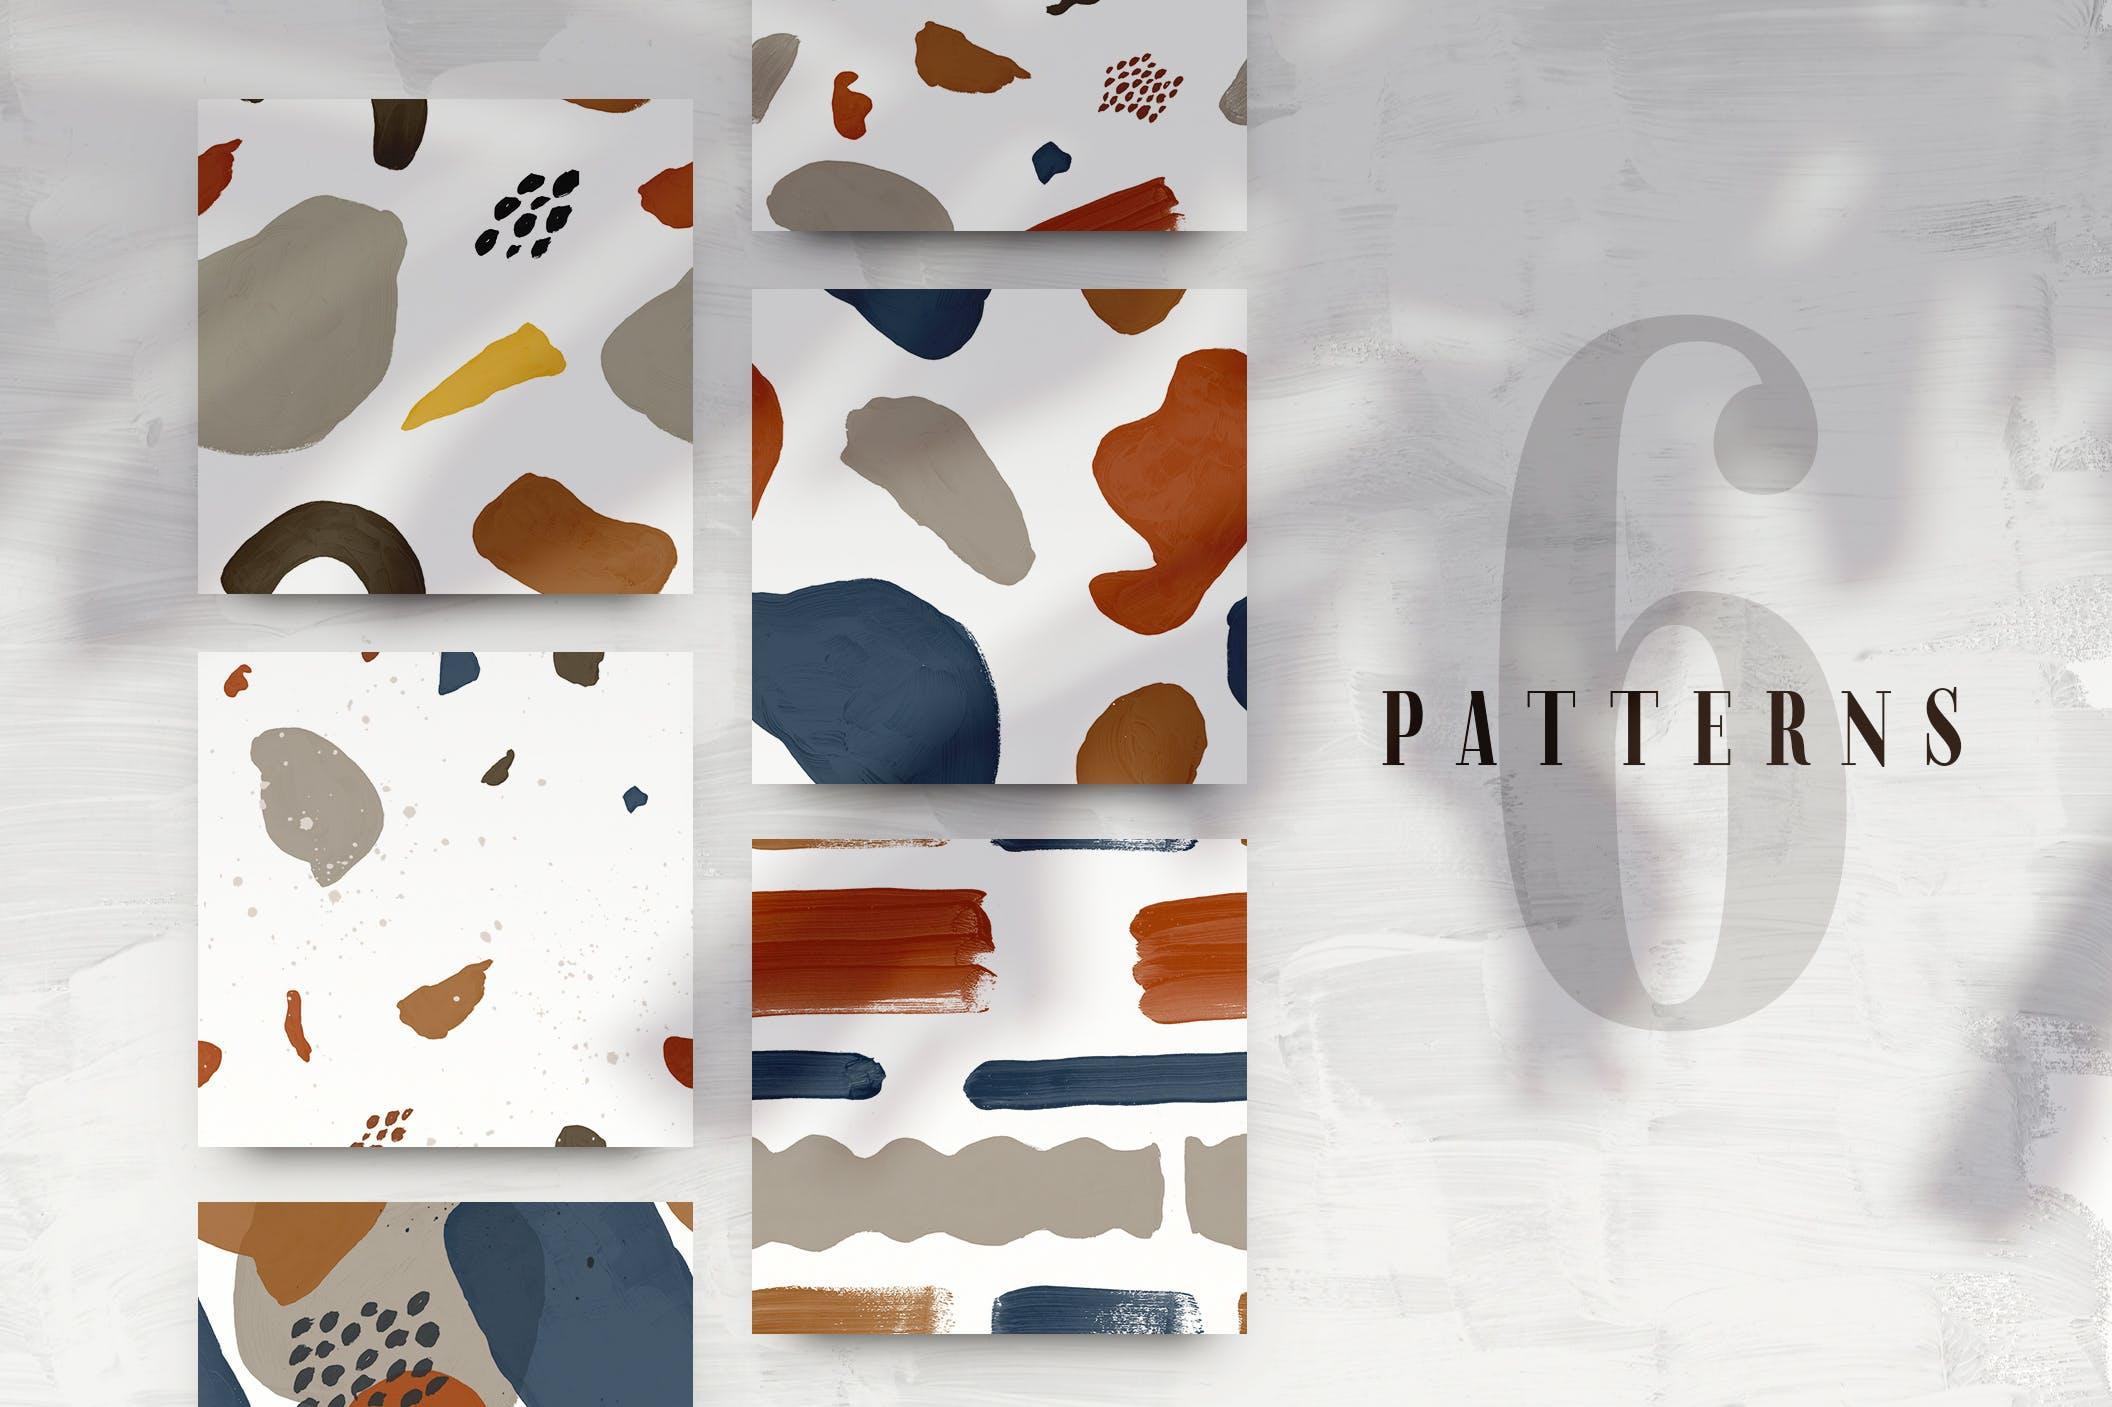 64款高清手绘抽象墨水飞溅背景PNG图片素材 Abstract Patterns & Backs插图(7)